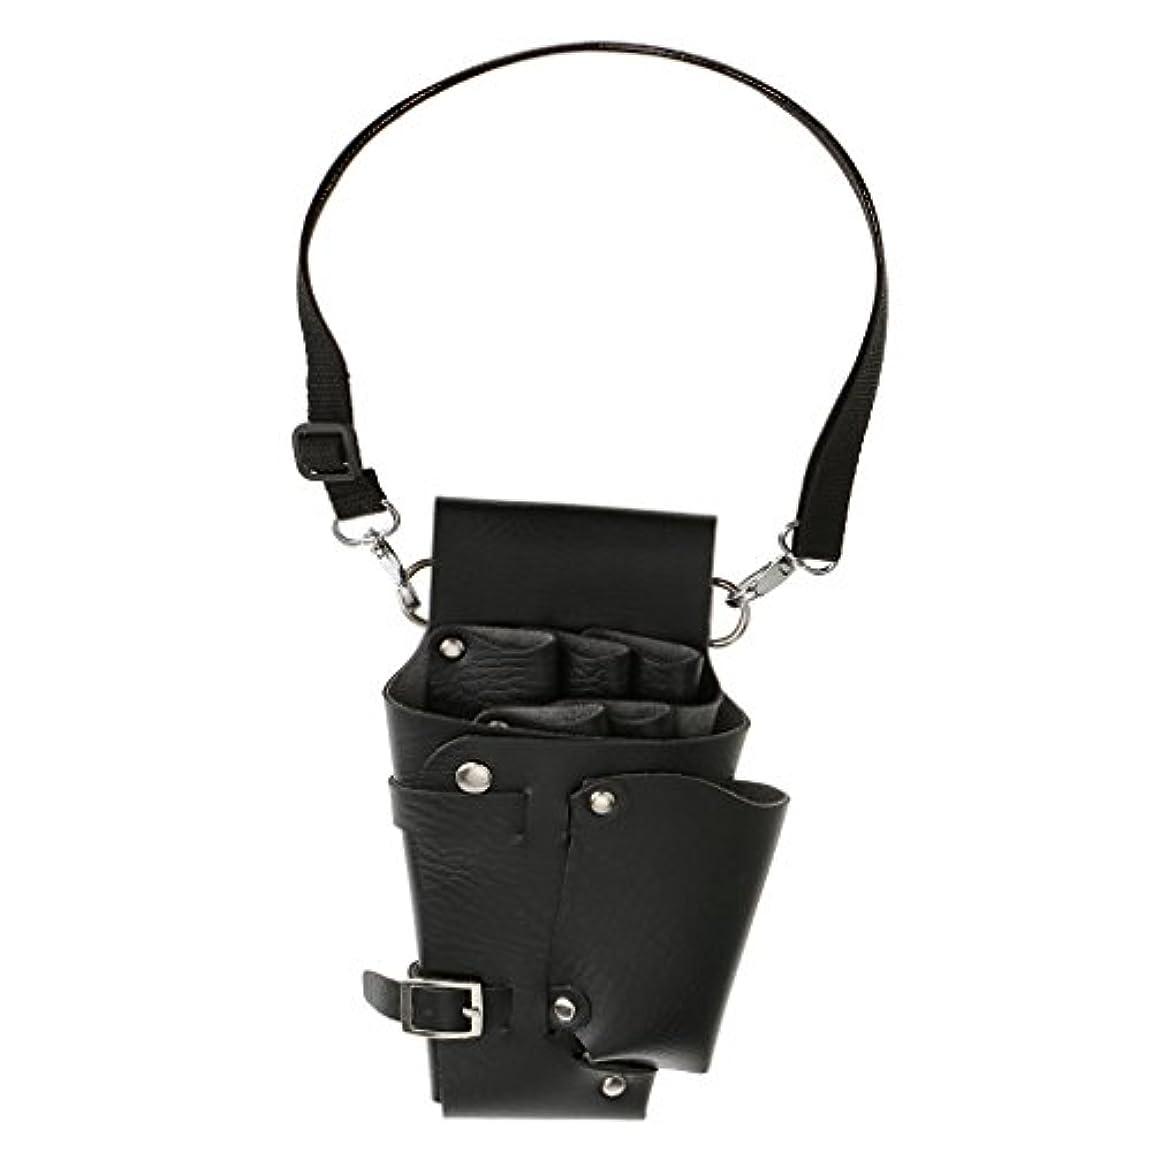 ユーモラスばかファイター多機能 PU製 はさみ袋 櫛 クリップ 便利グッズ 腰間タイプ 収納バッグ 理髪屋 ホルスター